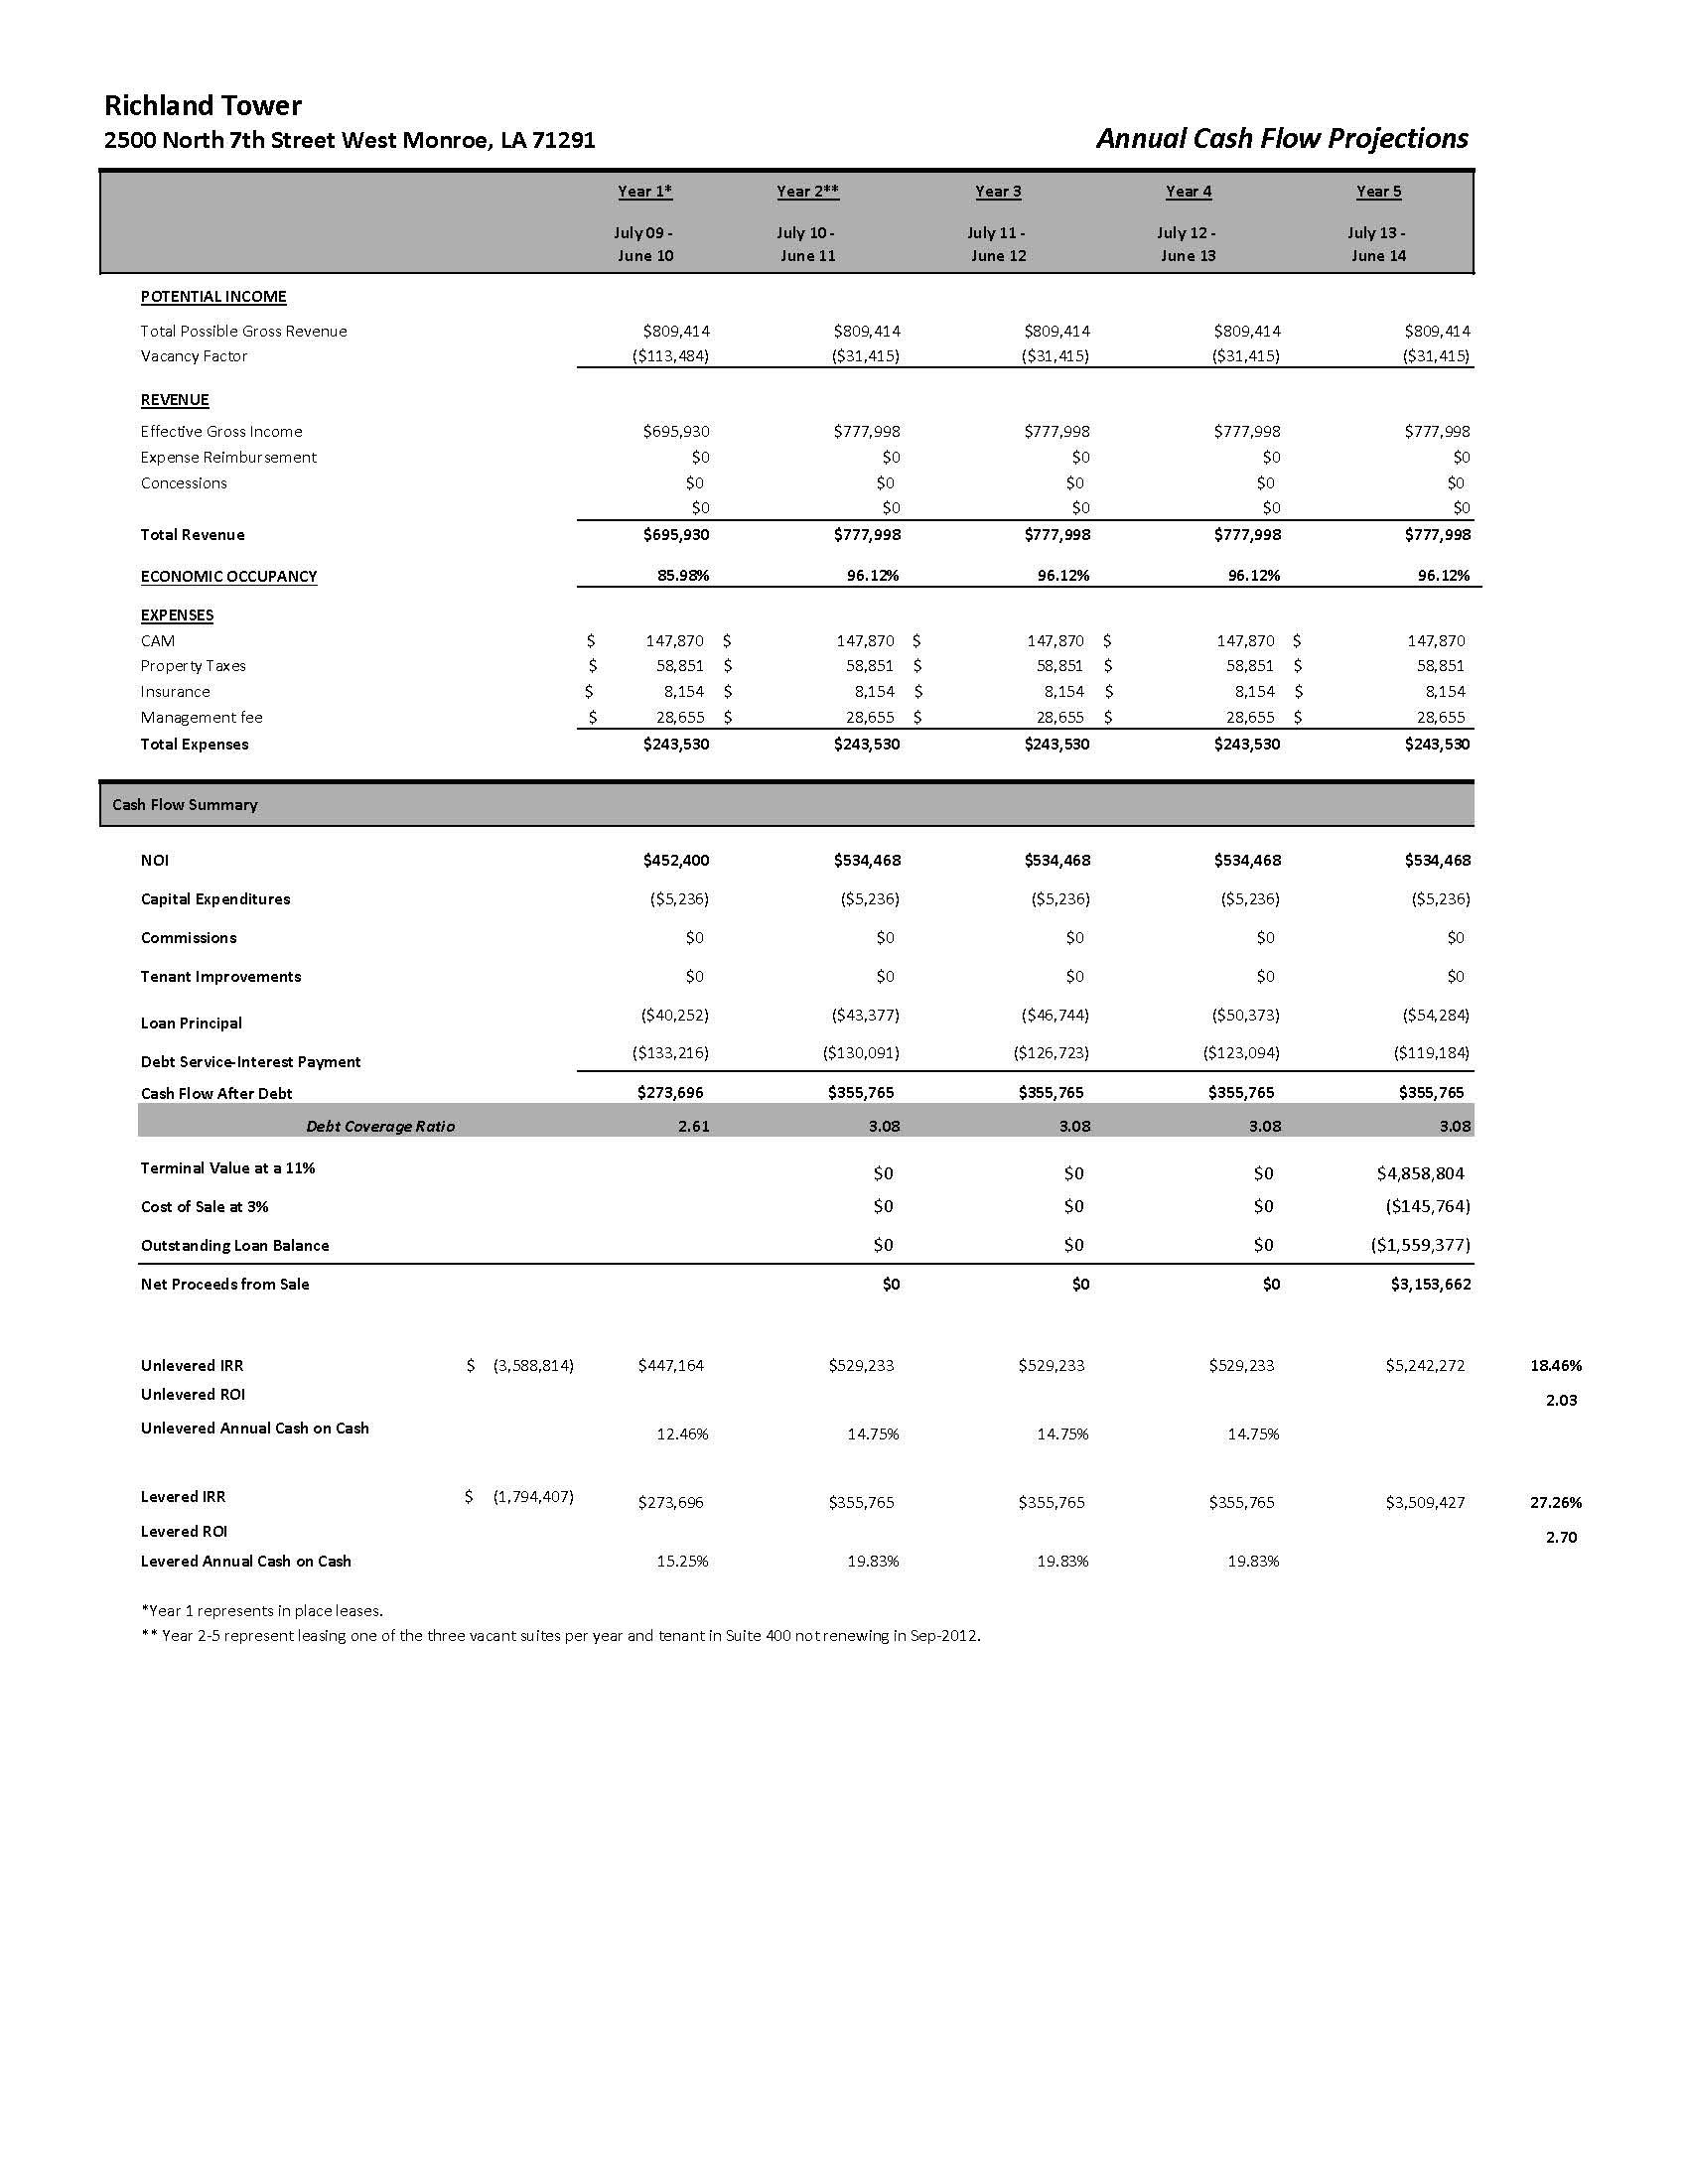 Annual Cash Flow Projection-5yr.jpg